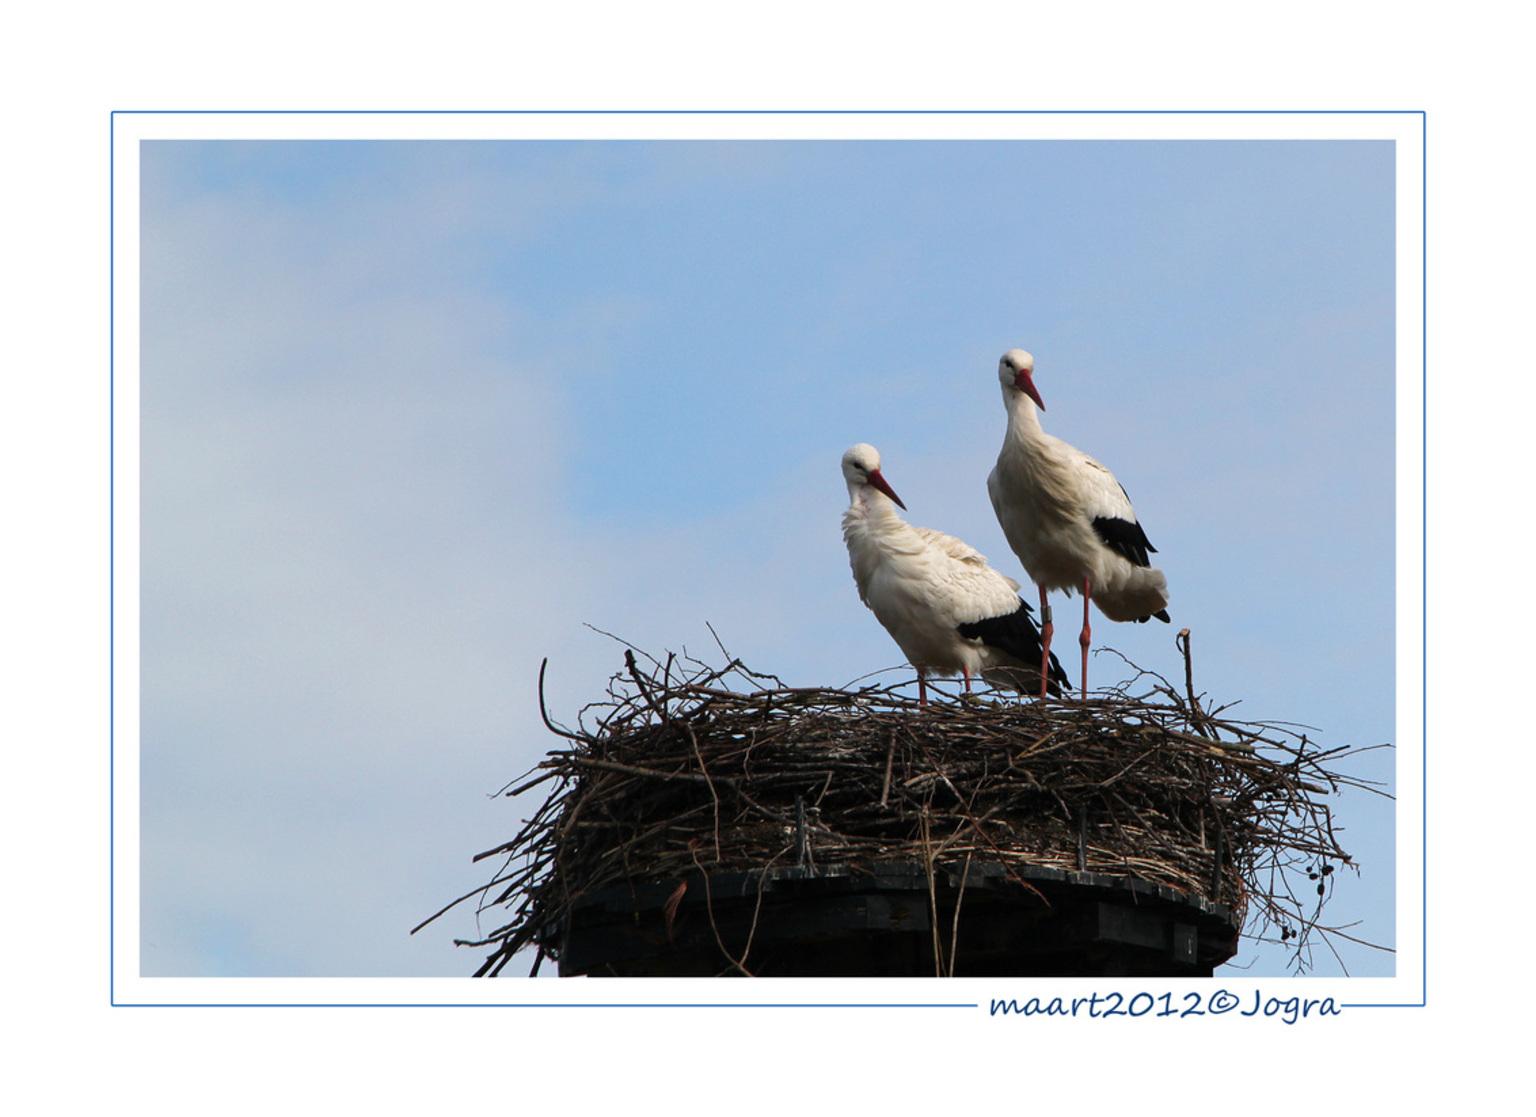 ooievaars - De ooievaars in het Oortjespad zin druk bezig het nest klaar te maken voor gezinsuitbreiding. - foto door Lathyrus op 25-03-2012 - deze foto bevat: lente, ooievaars, nest, oortjespad